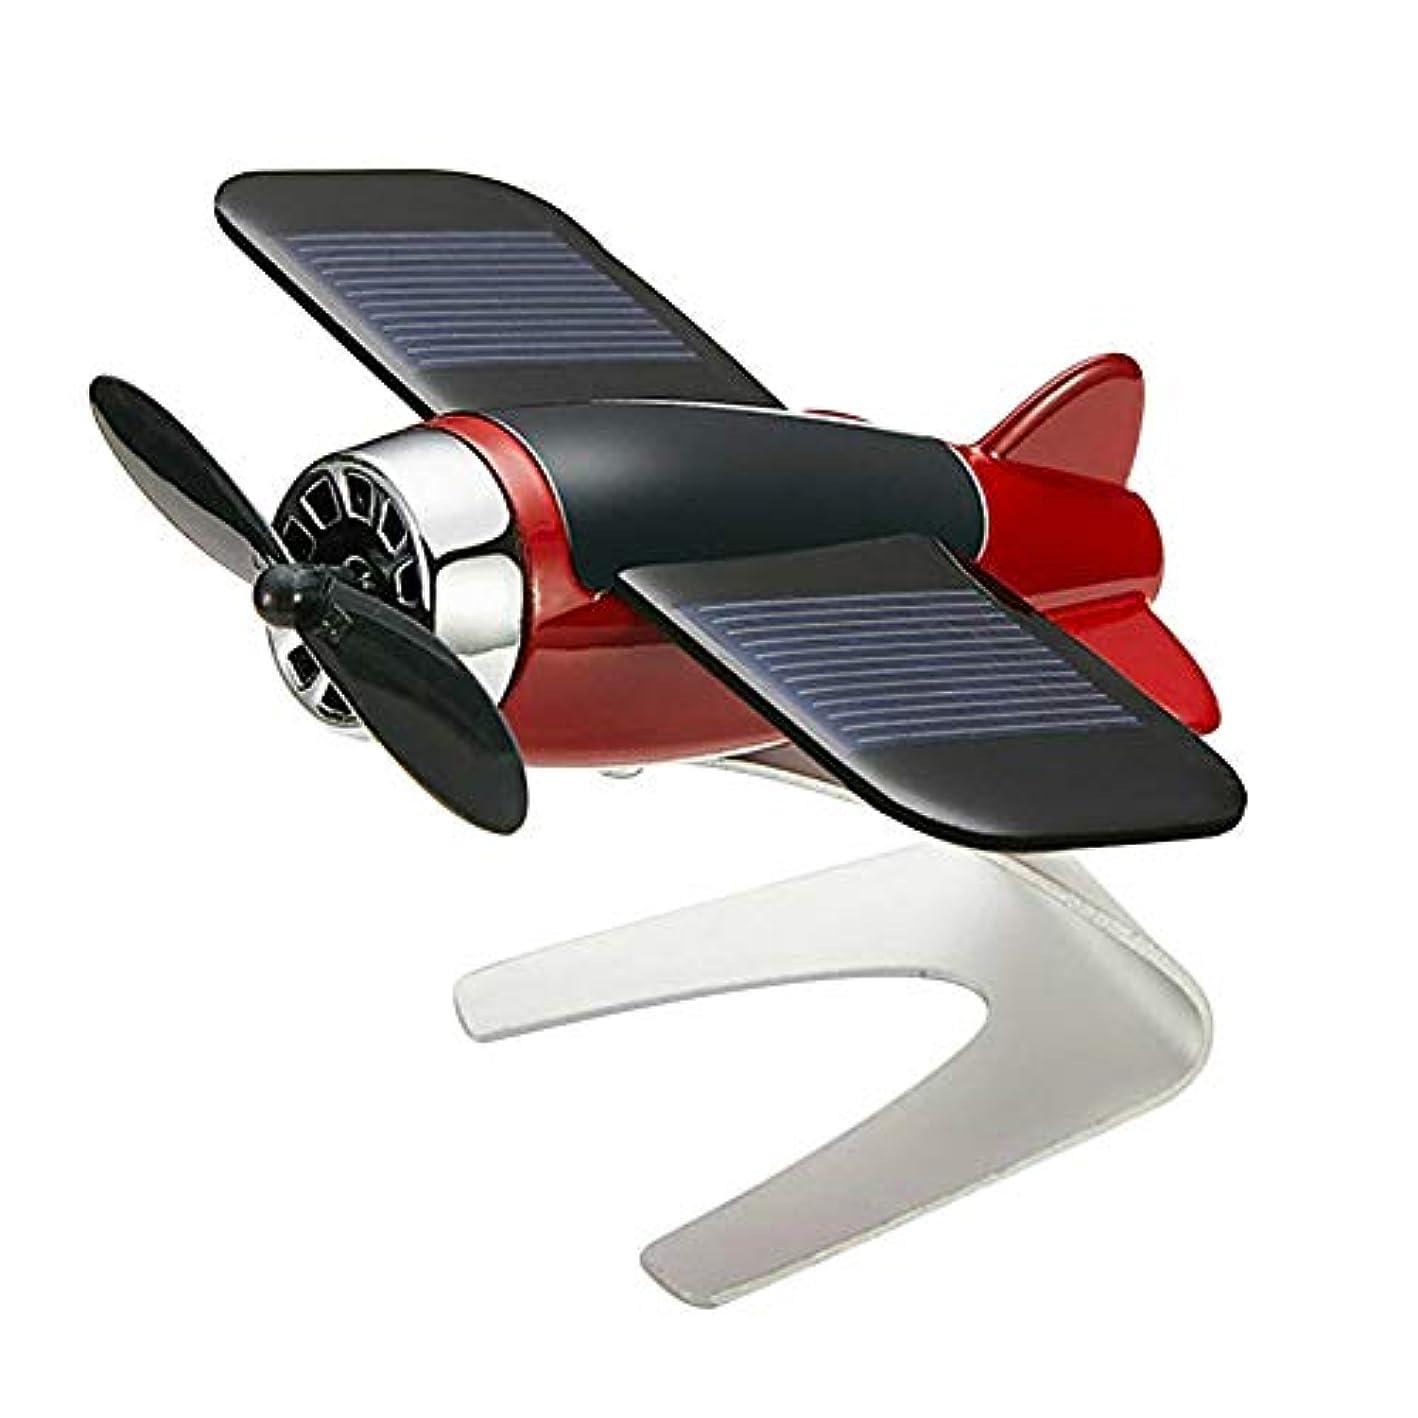 ブリード鎮静剤無心Symboat 車の芳香剤飛行機航空機モデル太陽エネルギーアロマテラピー室内装飾